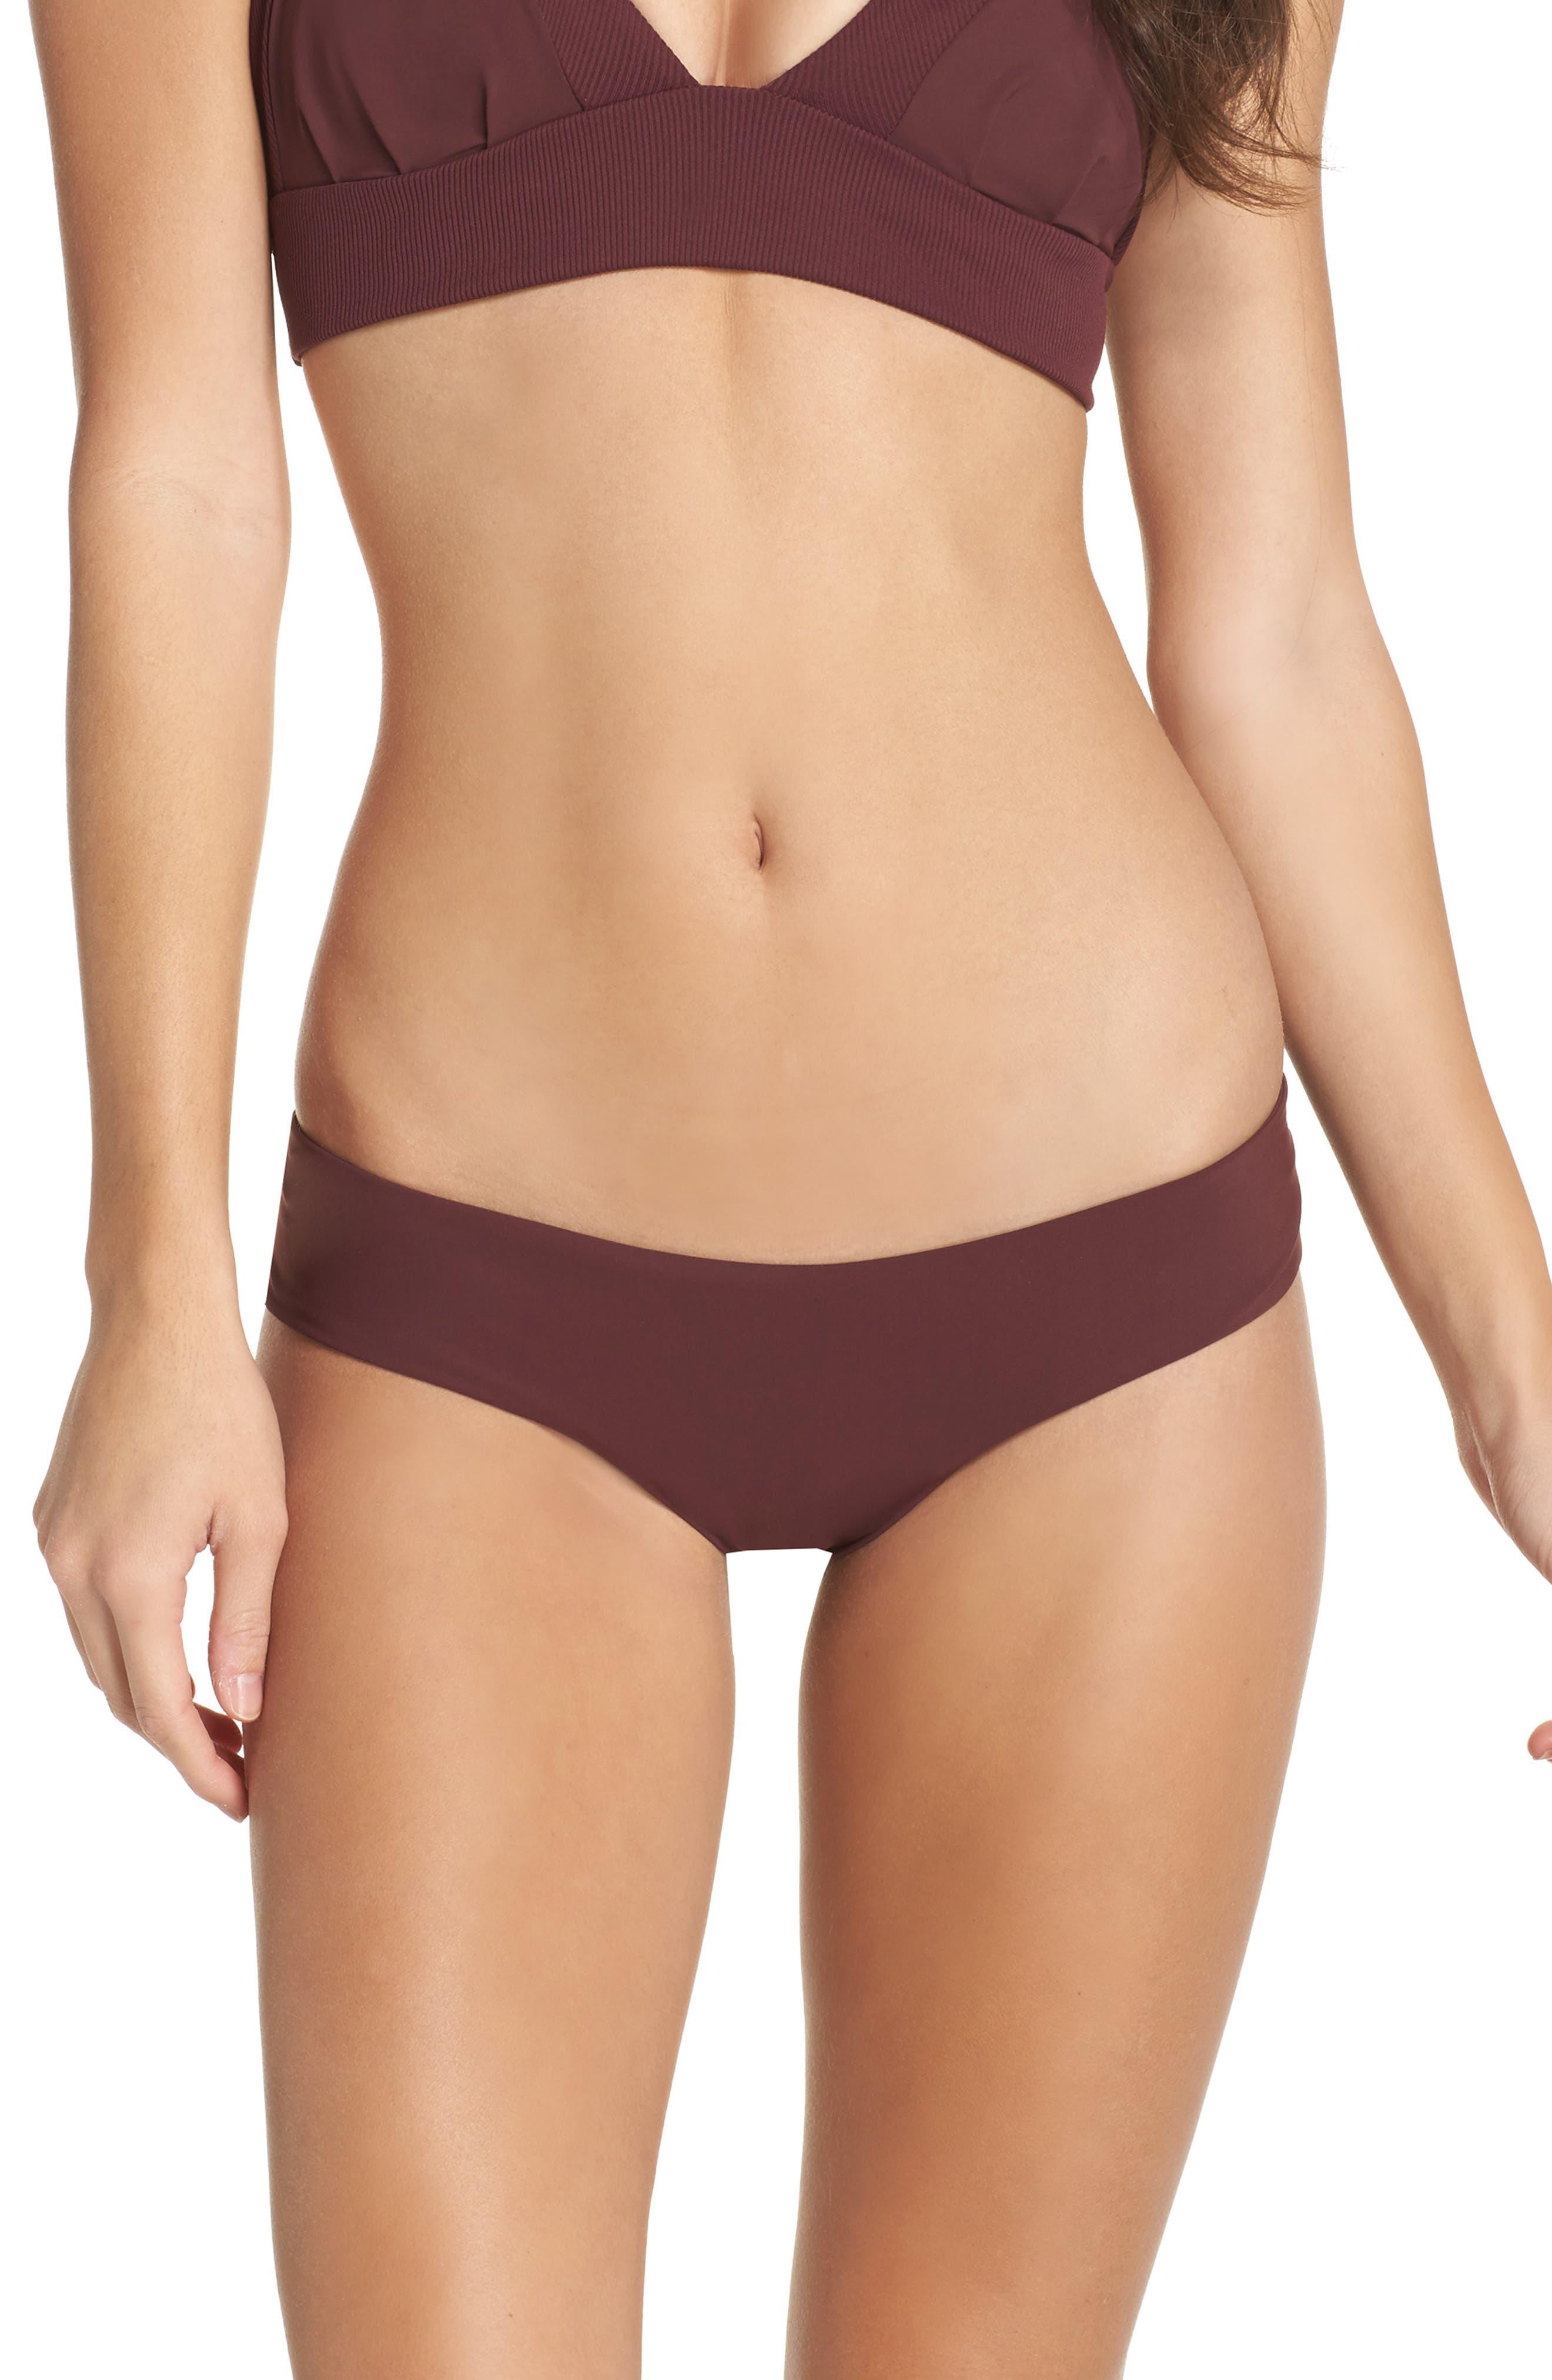 Yaya the Yuppy Bikini Bottoms,                             Main thumbnail 1, color,                             Burgundy